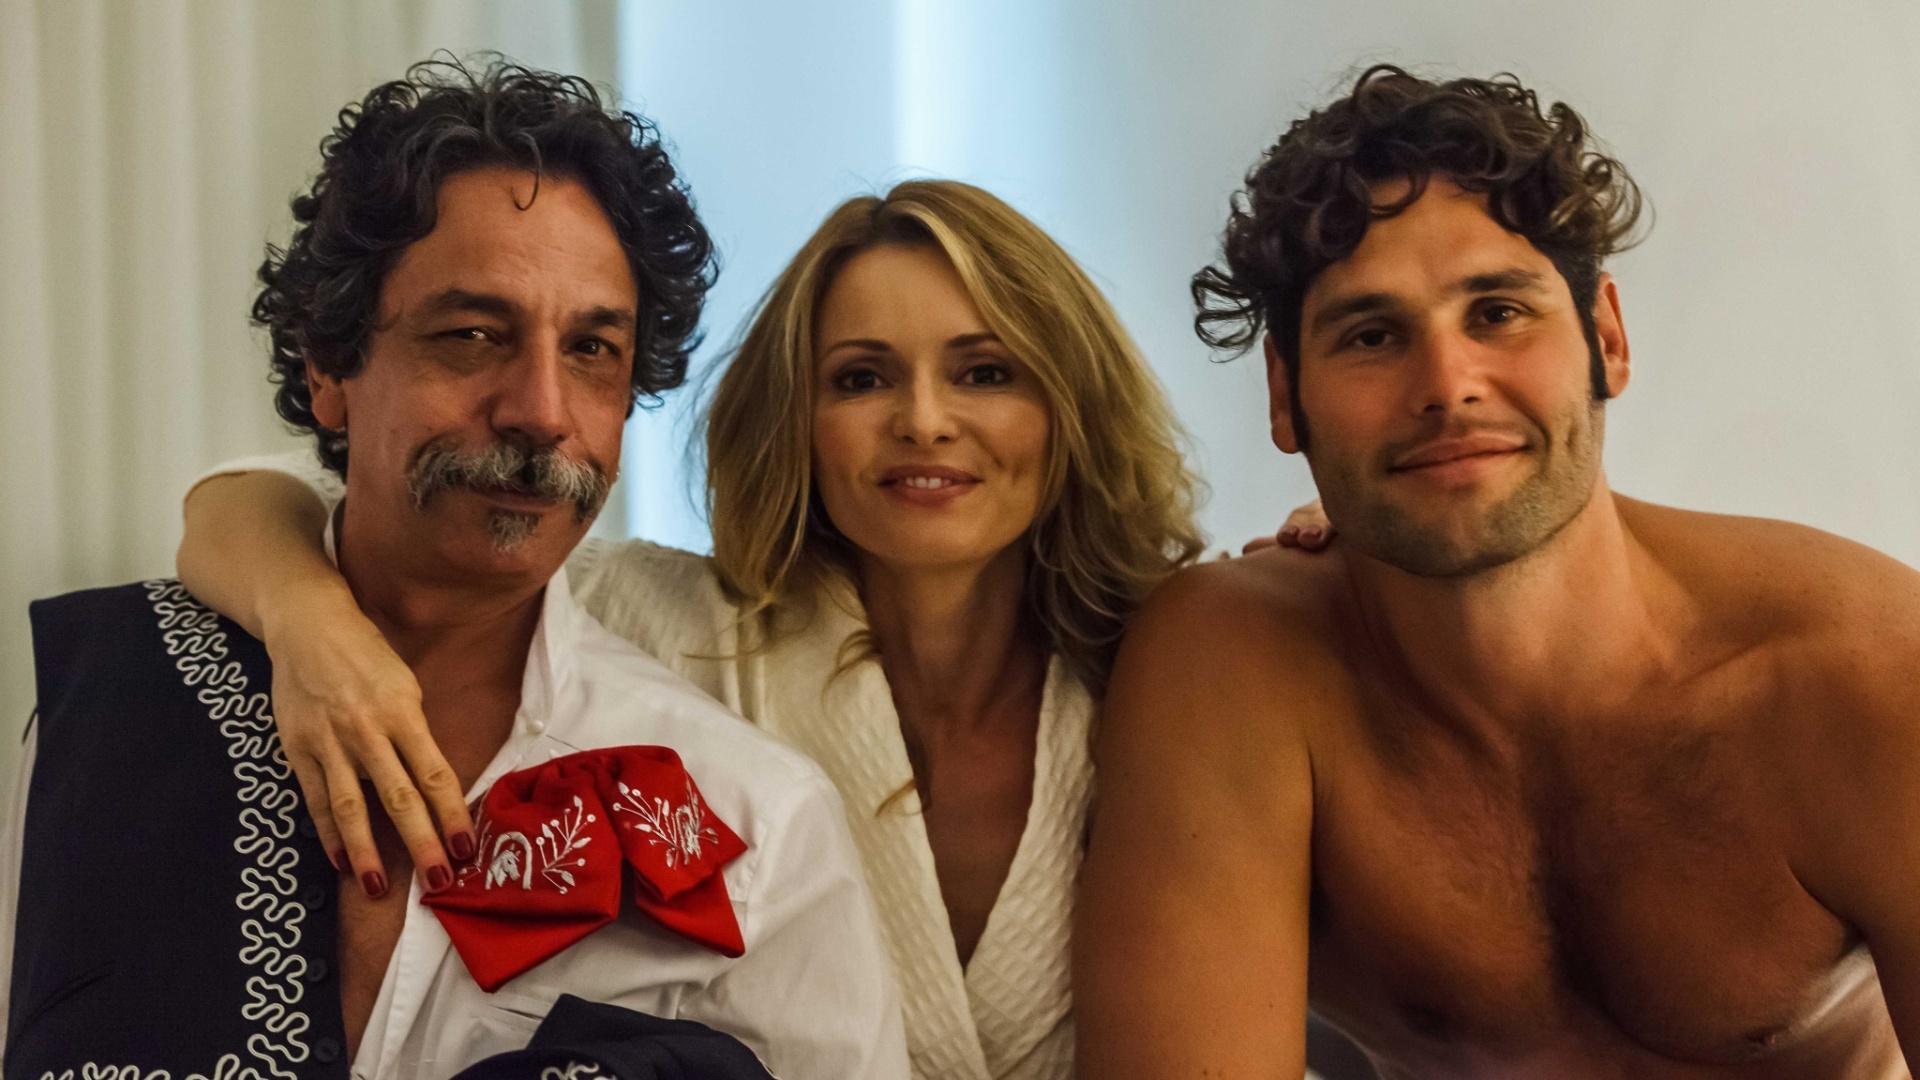 Rita Guedes e Dudu Azevedo em cena após seduzirem um mariachi